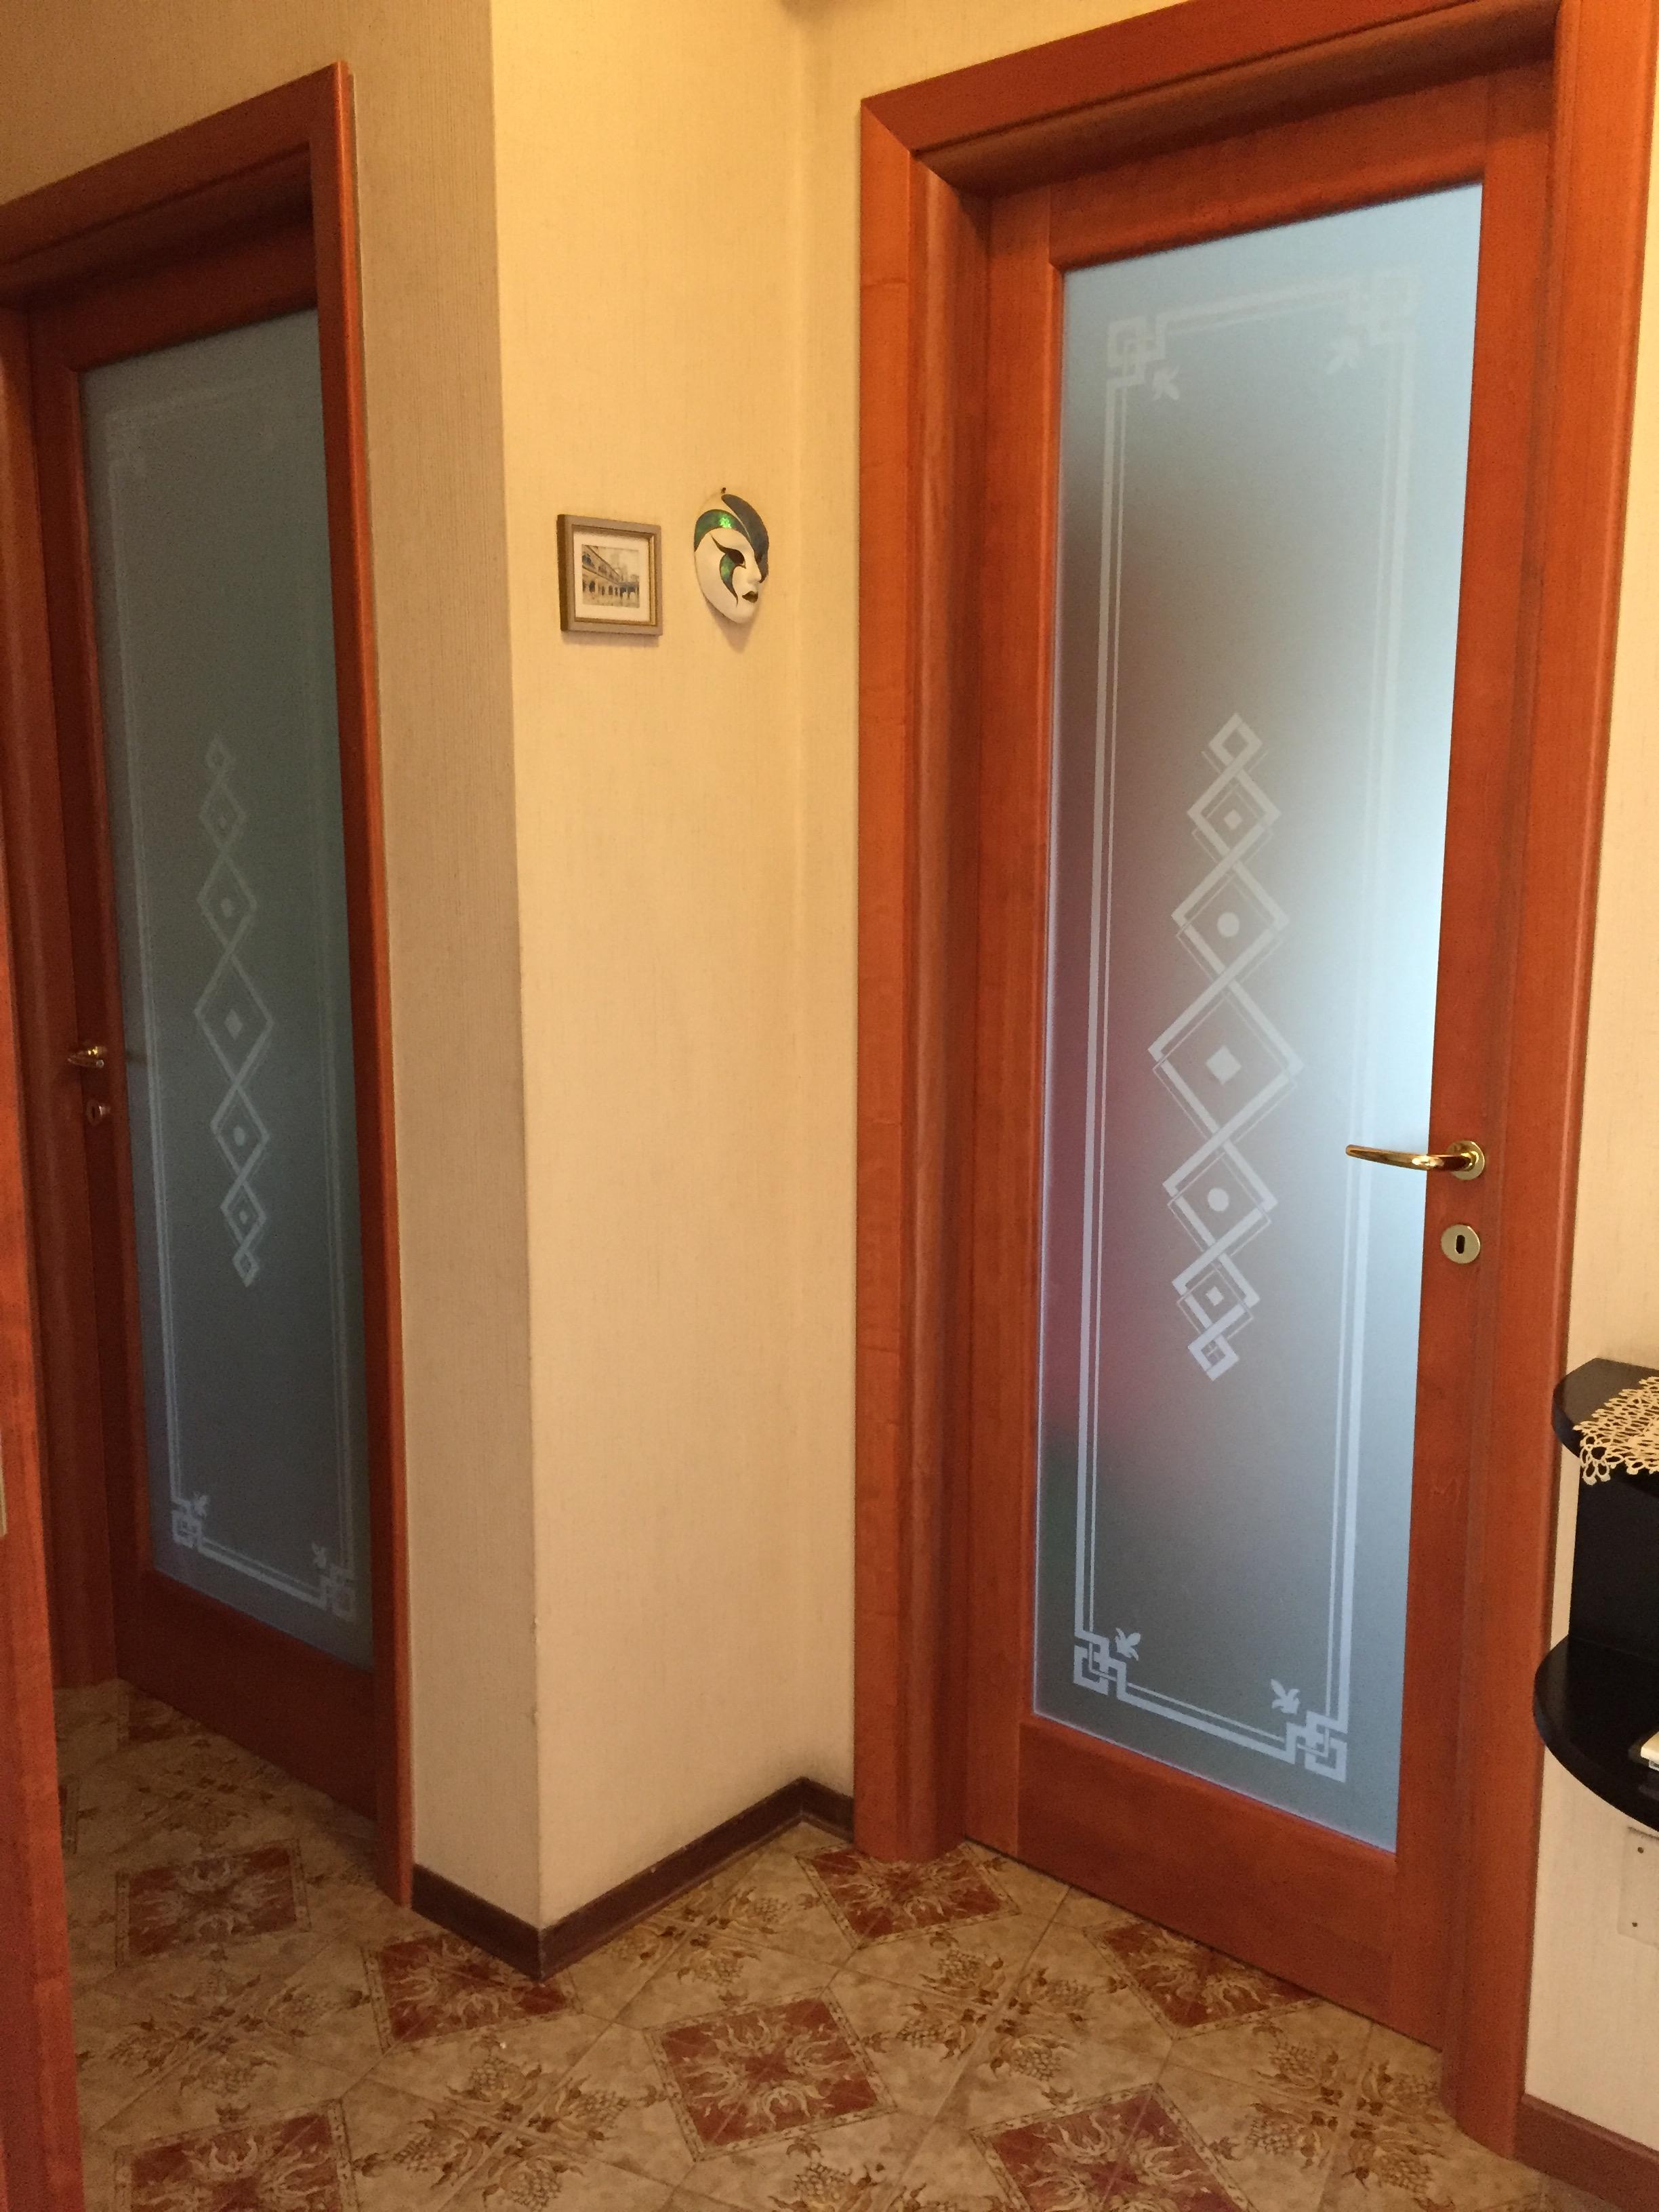 Porte in massello Mod. Novelty , abitazione a Cremona